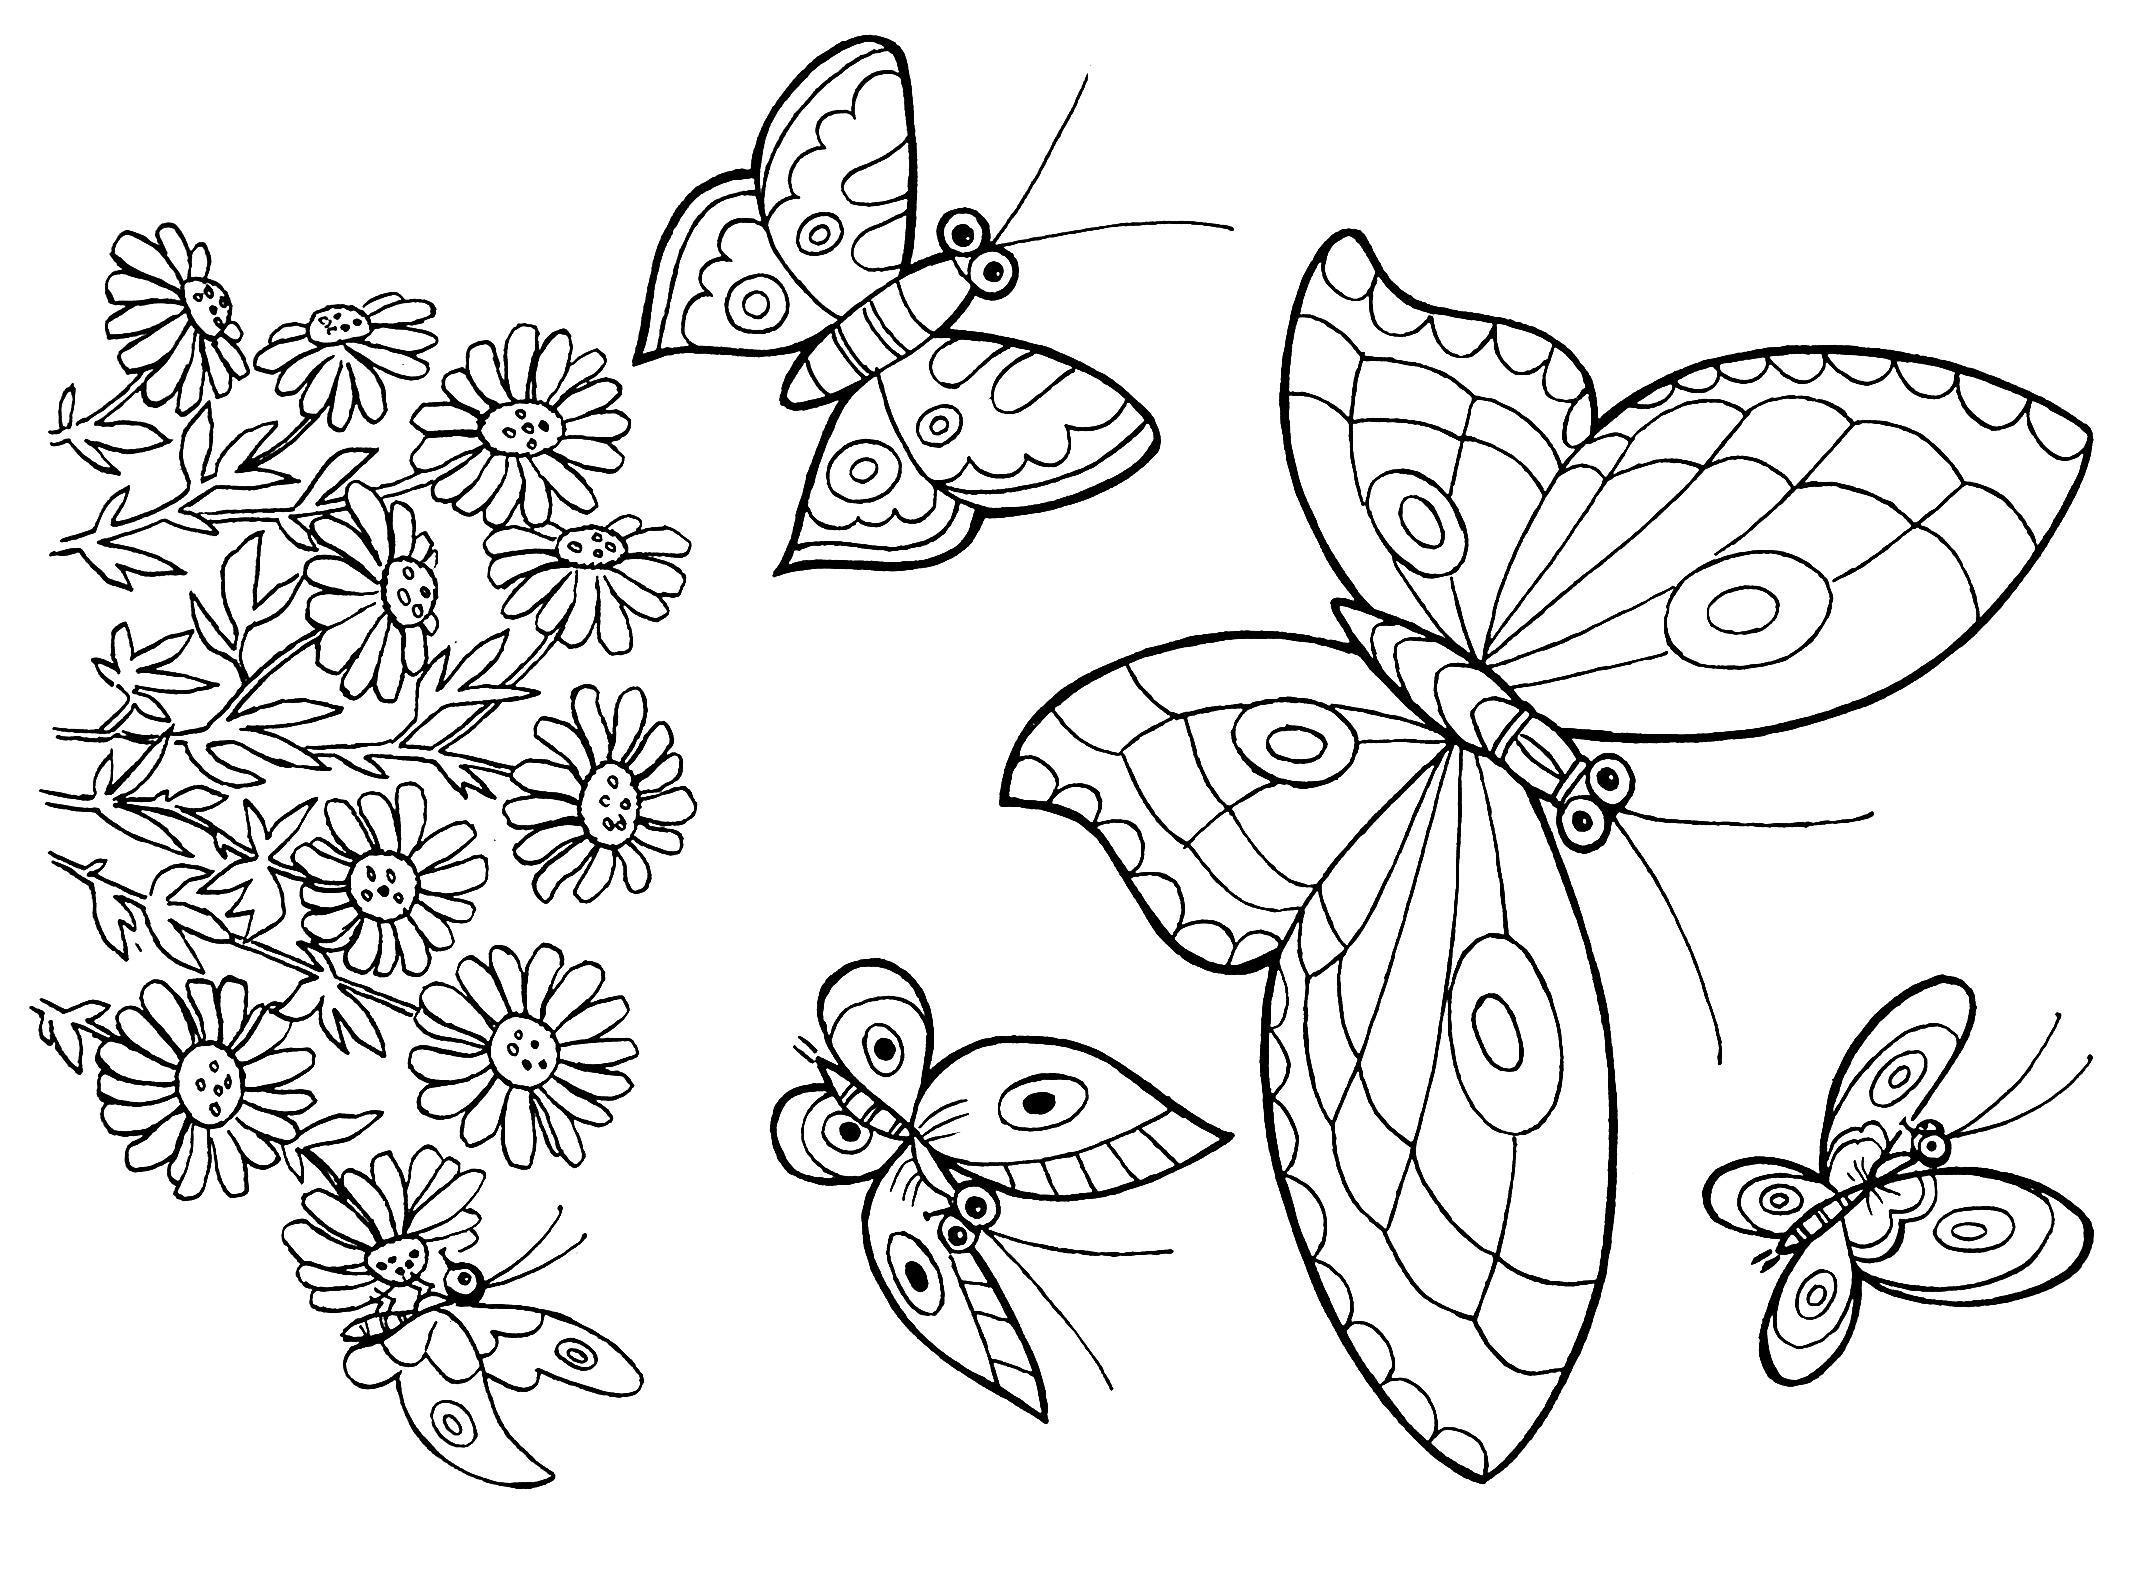 Бабочка Цветочки ромашки и много бабочек Новые раскраски цветыраскраски цветы